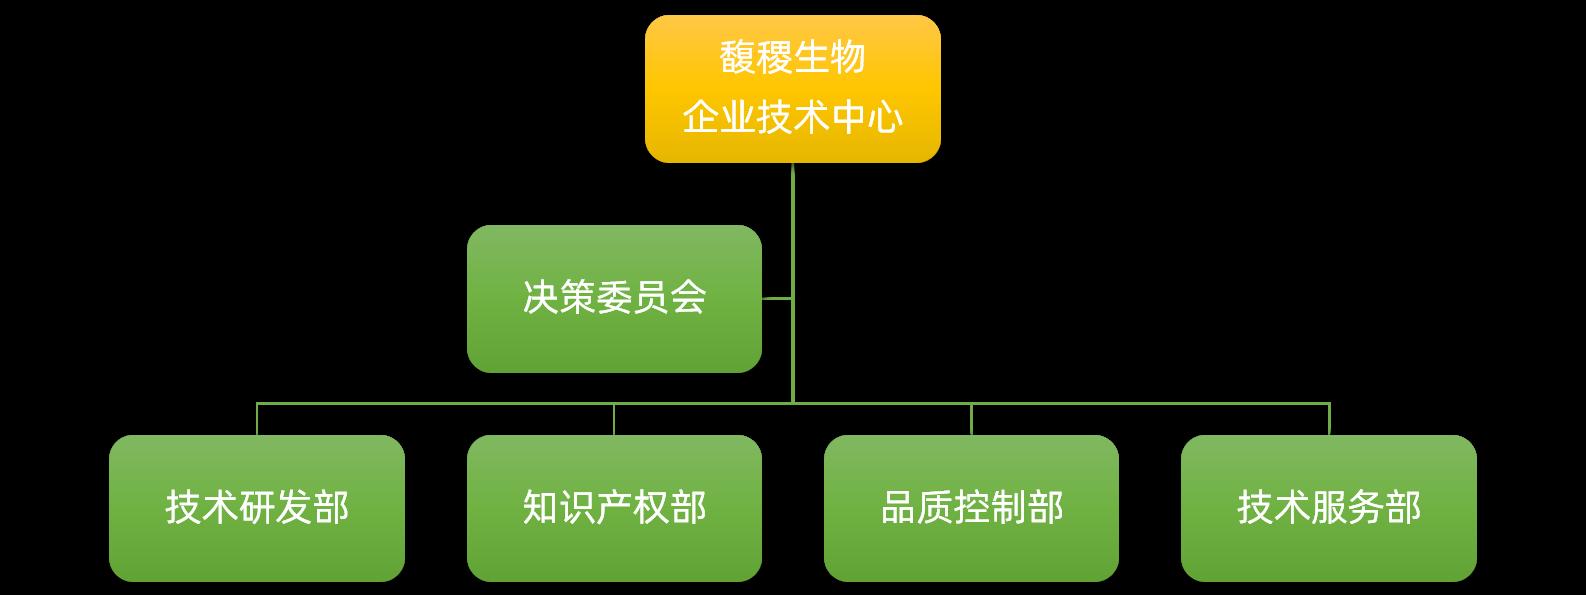 企业技术中心组织架构图